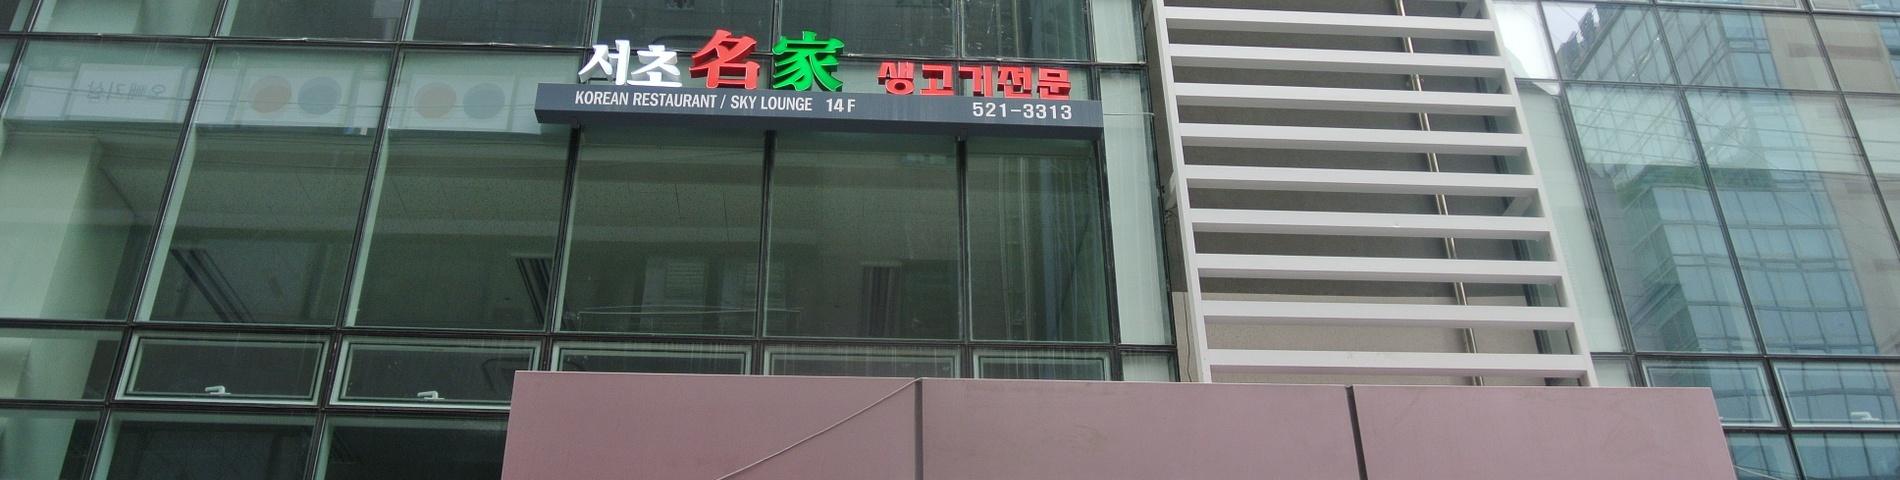 Lexis Korea photo 1